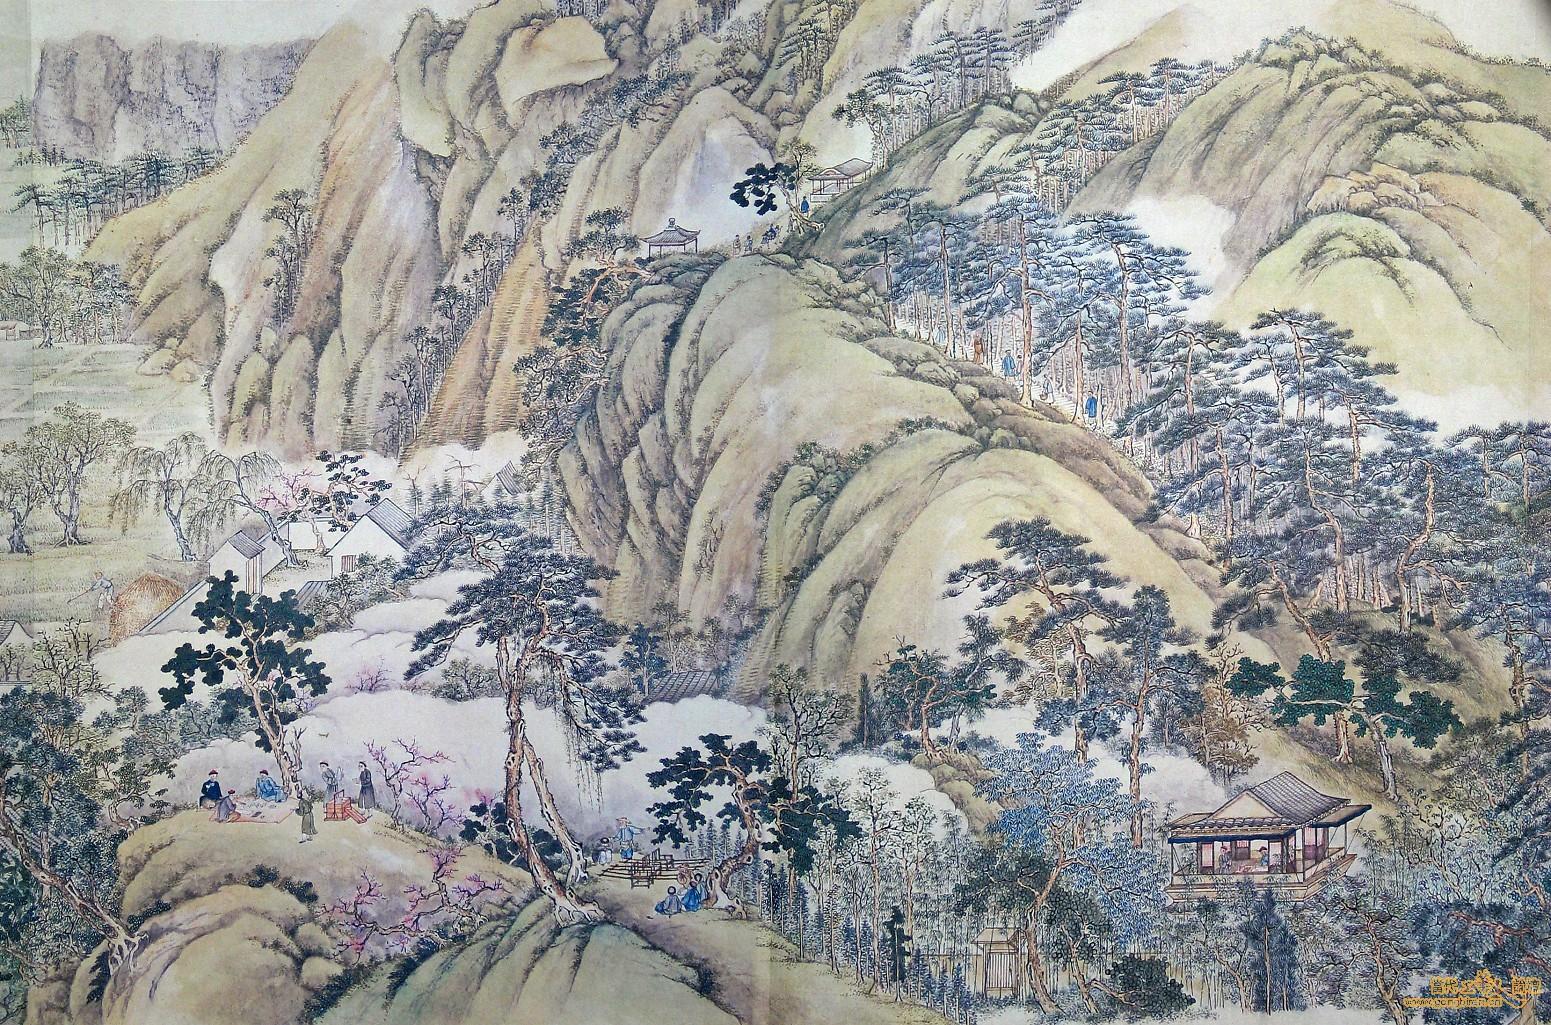 清代徐揚所繪的《姑蘇繁華圖》,左下角可見僮僕拿著提盒跟隨文人遊歷山水的樣貌。圖│維基百科